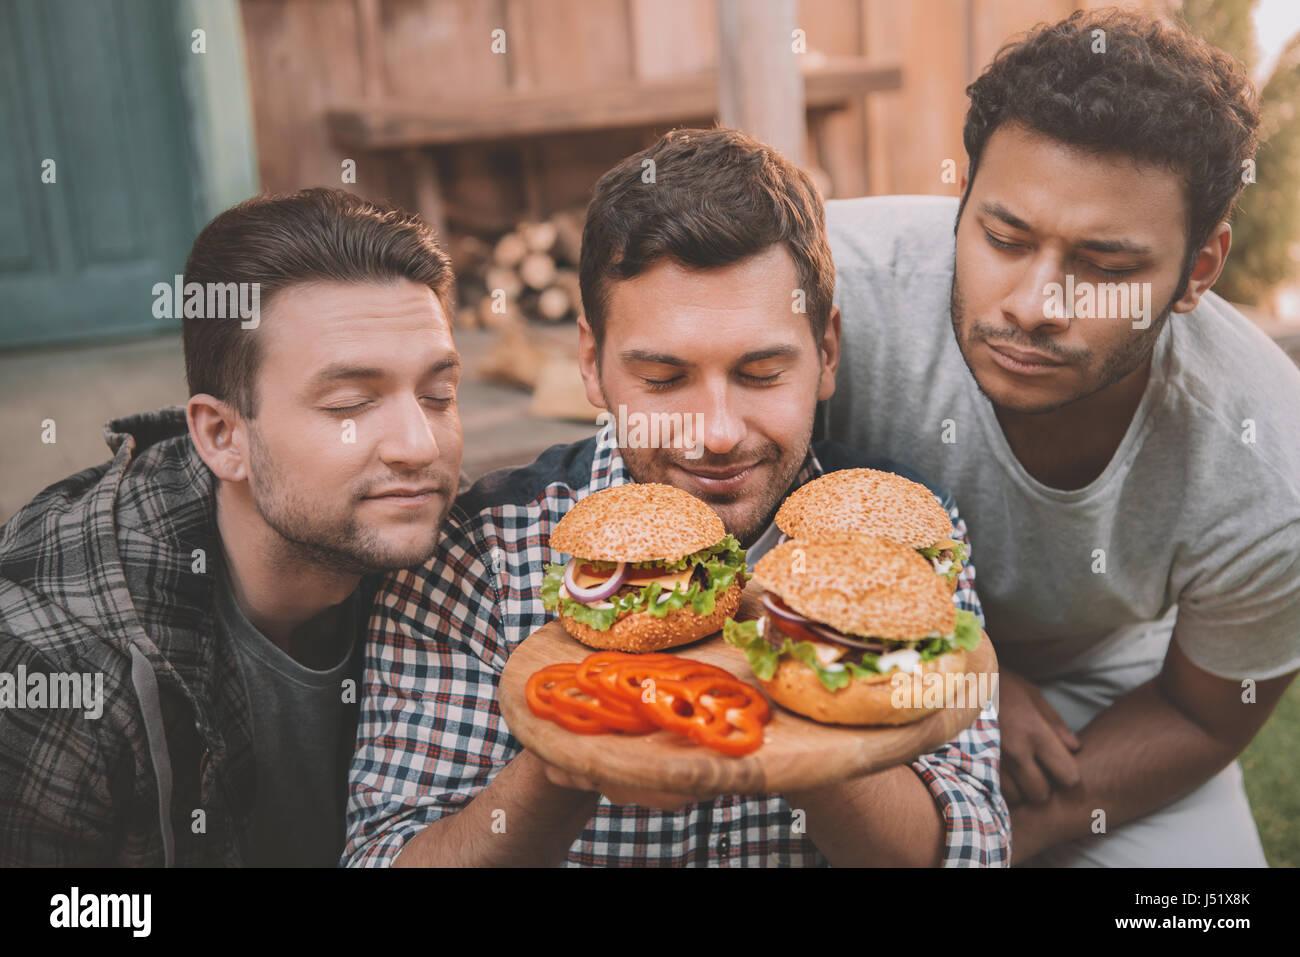 Tres hombres jóvenes con los ojos cerrados sniffing fresca hamburguesas caseras Imagen De Stock